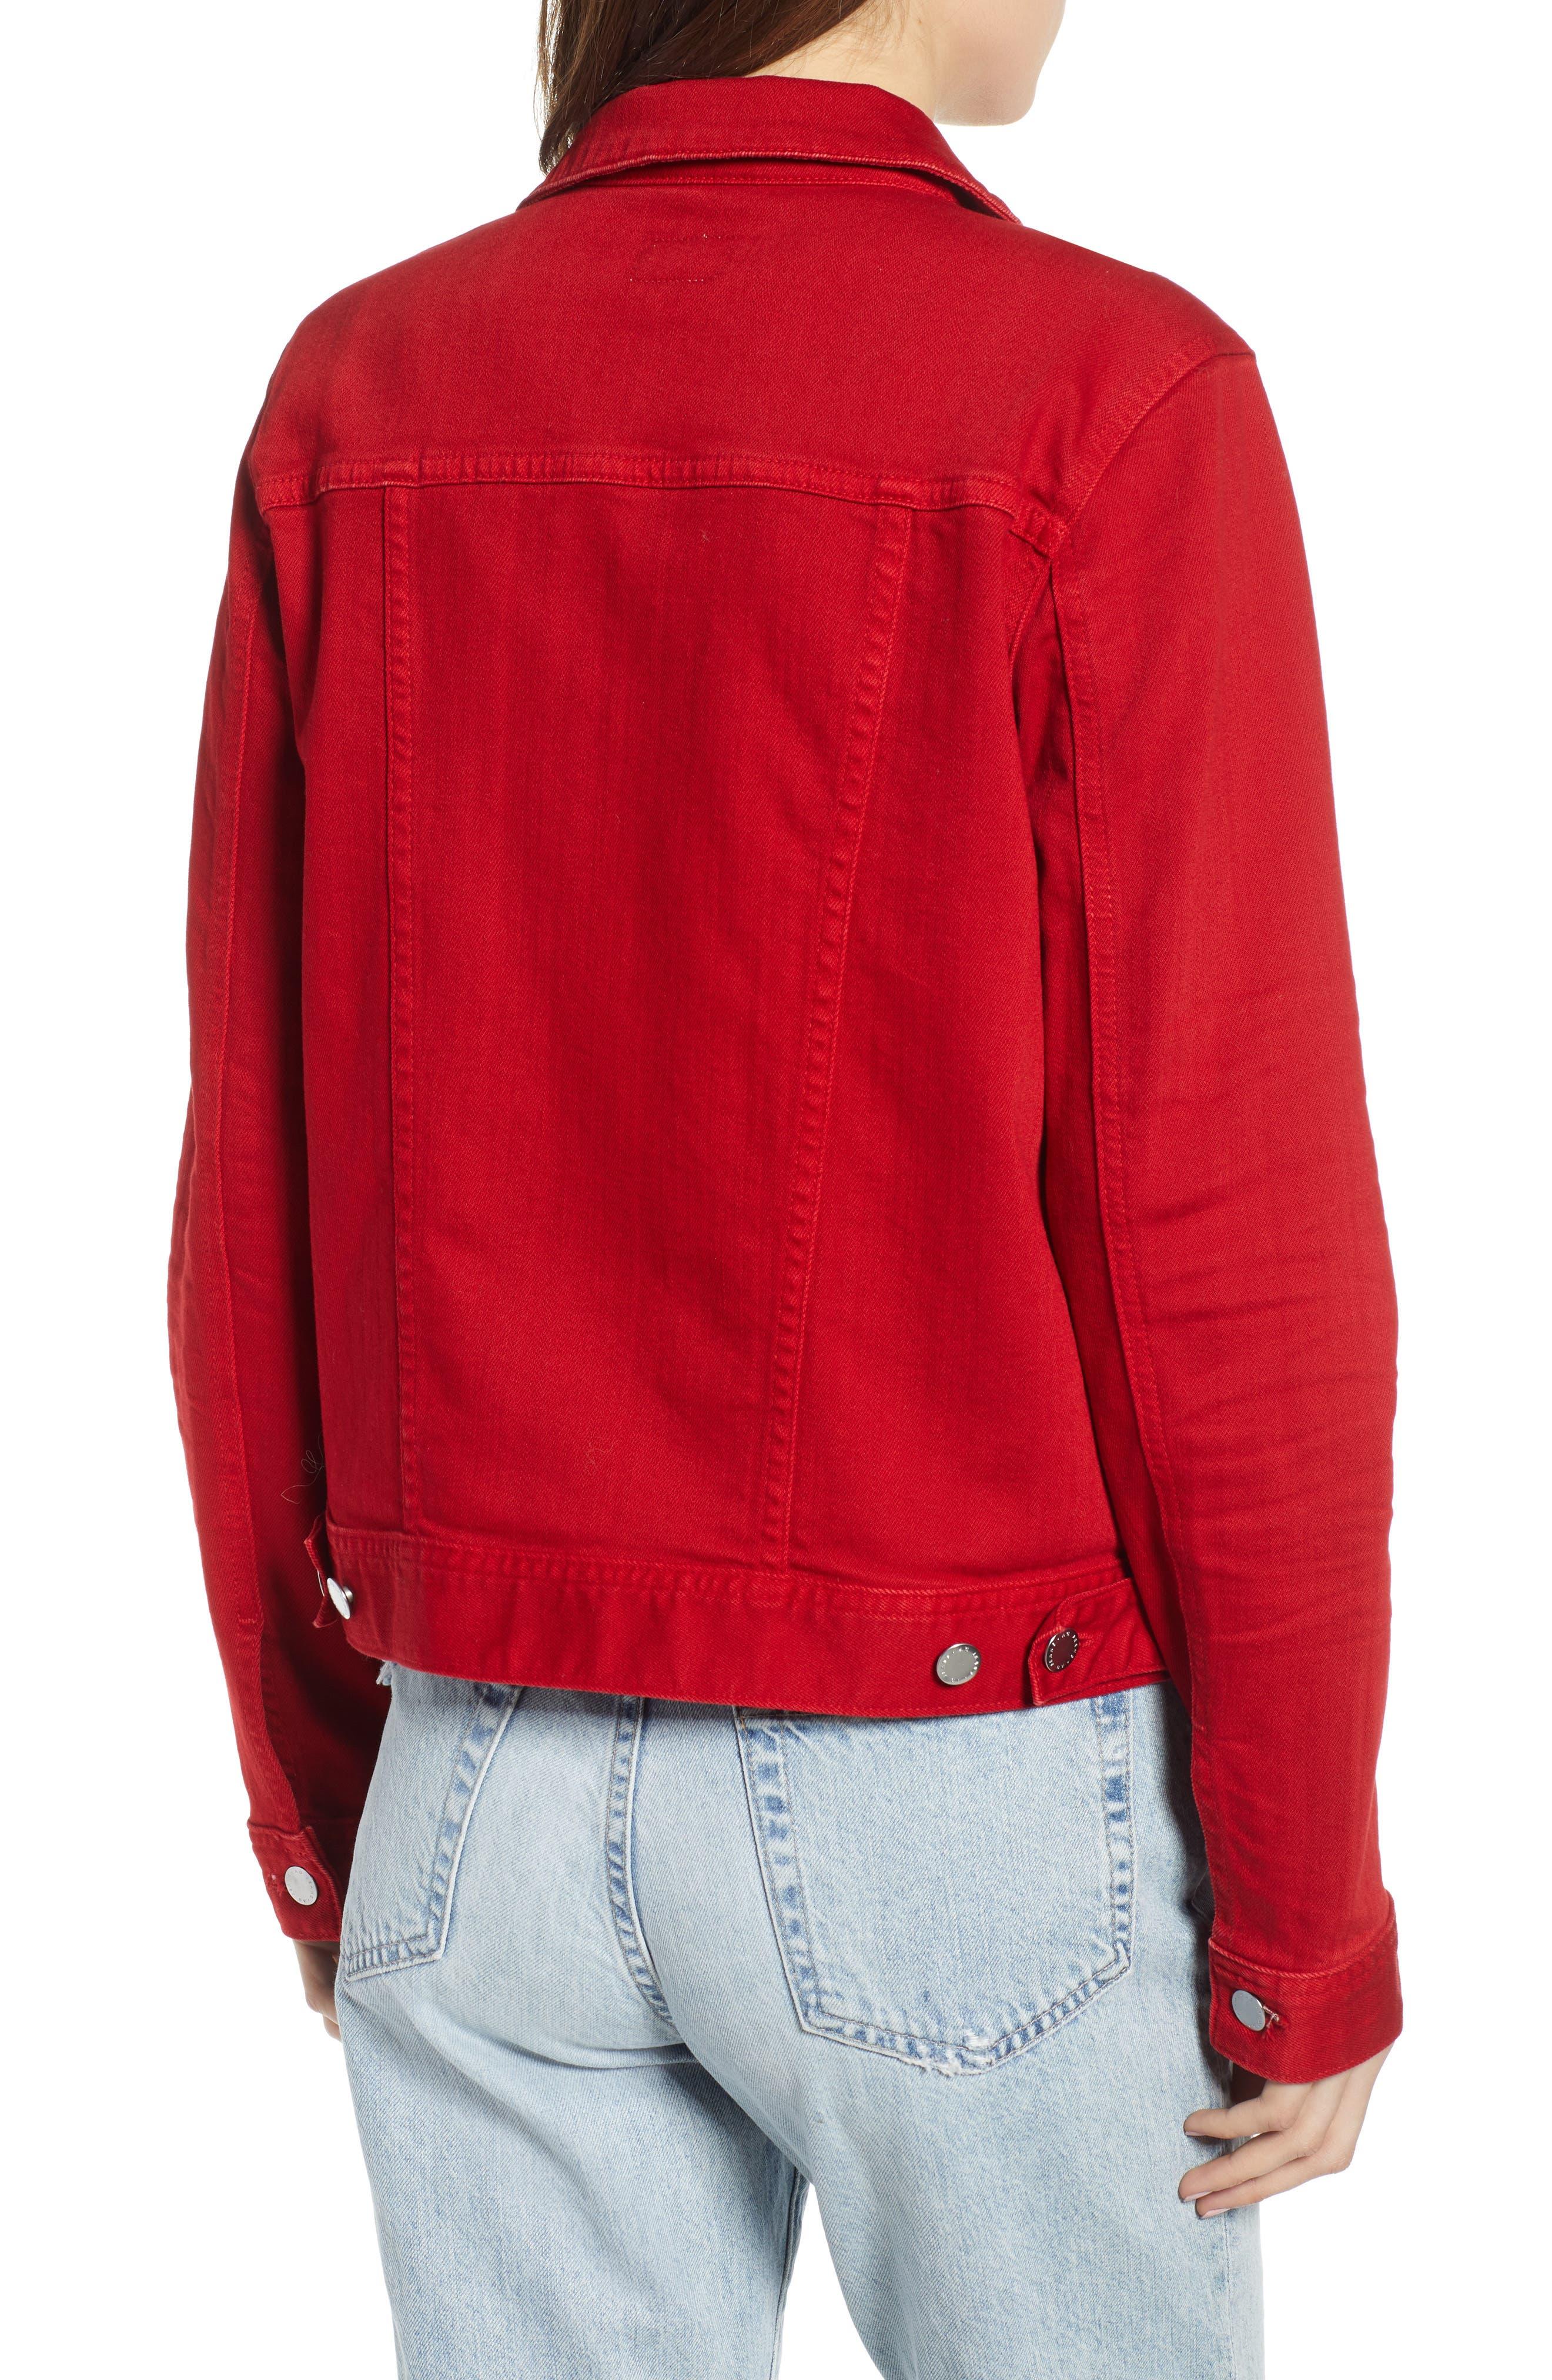 AG, Mya Denim Jacket, Alternate thumbnail 2, color, 01Y HI WHITE CLEVER RED